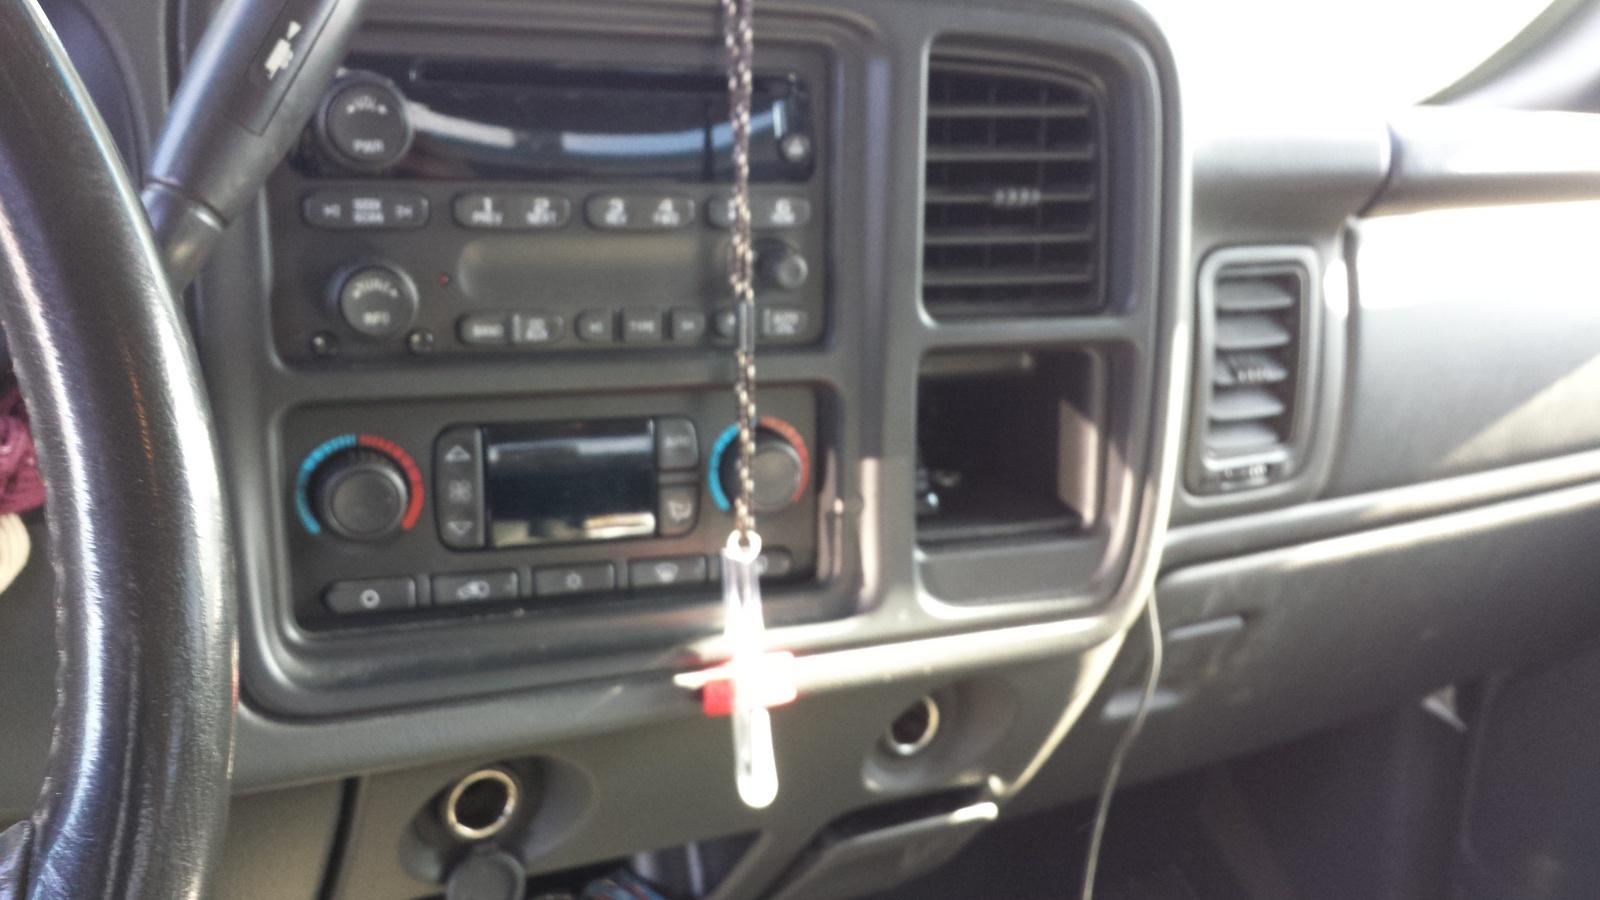 2001 Chevrolet Silverado 1500 Hd Crew Cab Kelley Blue Book